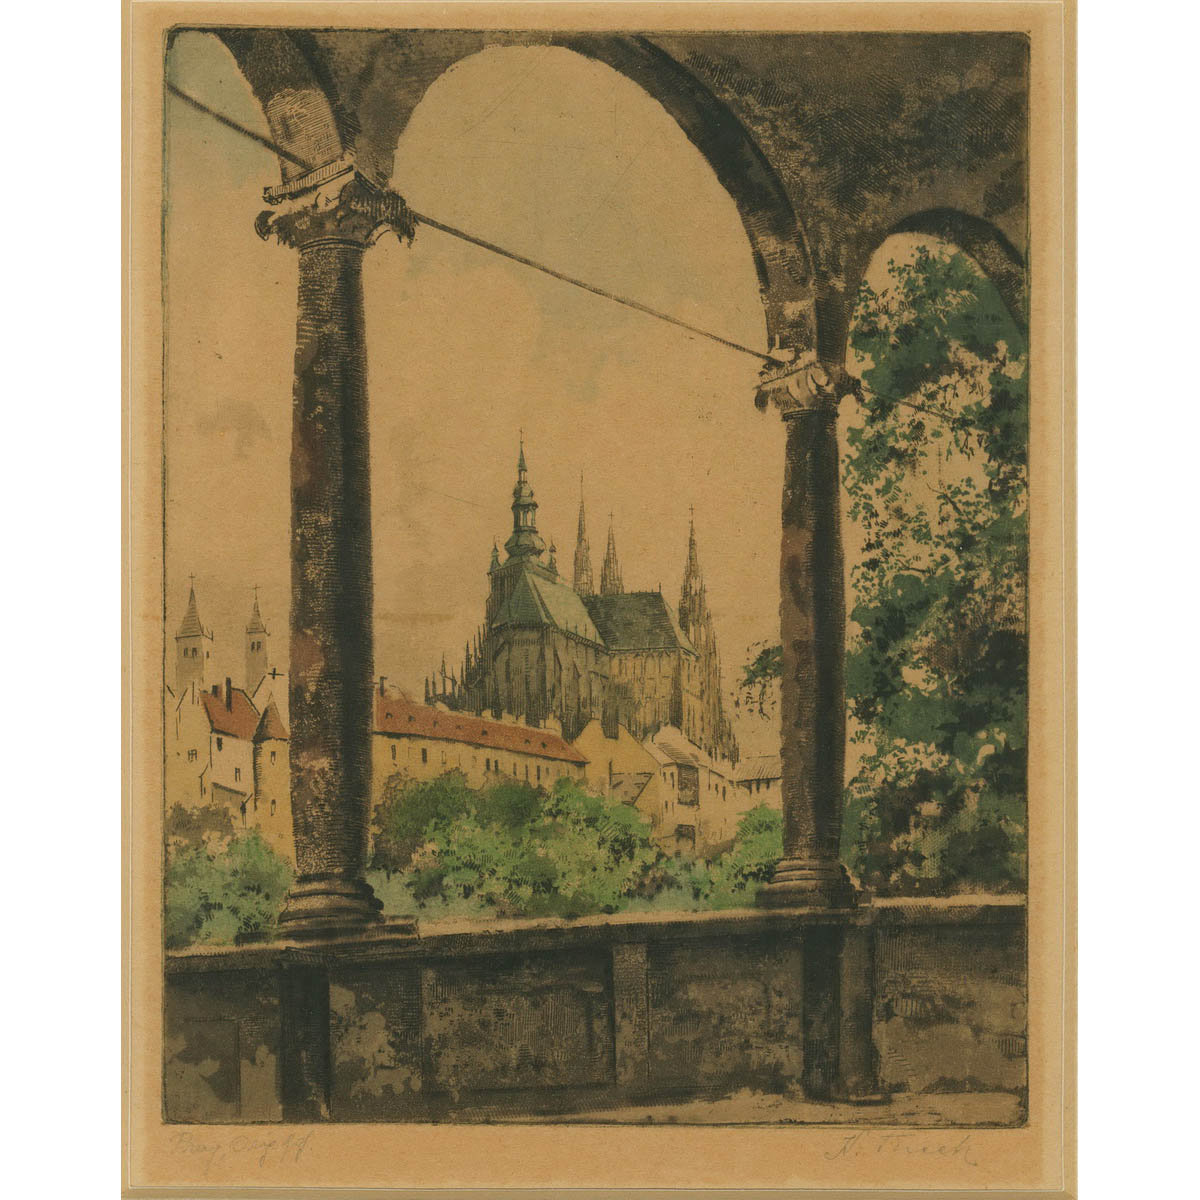 PRAG. NAUMBURG. COBURG u.a.